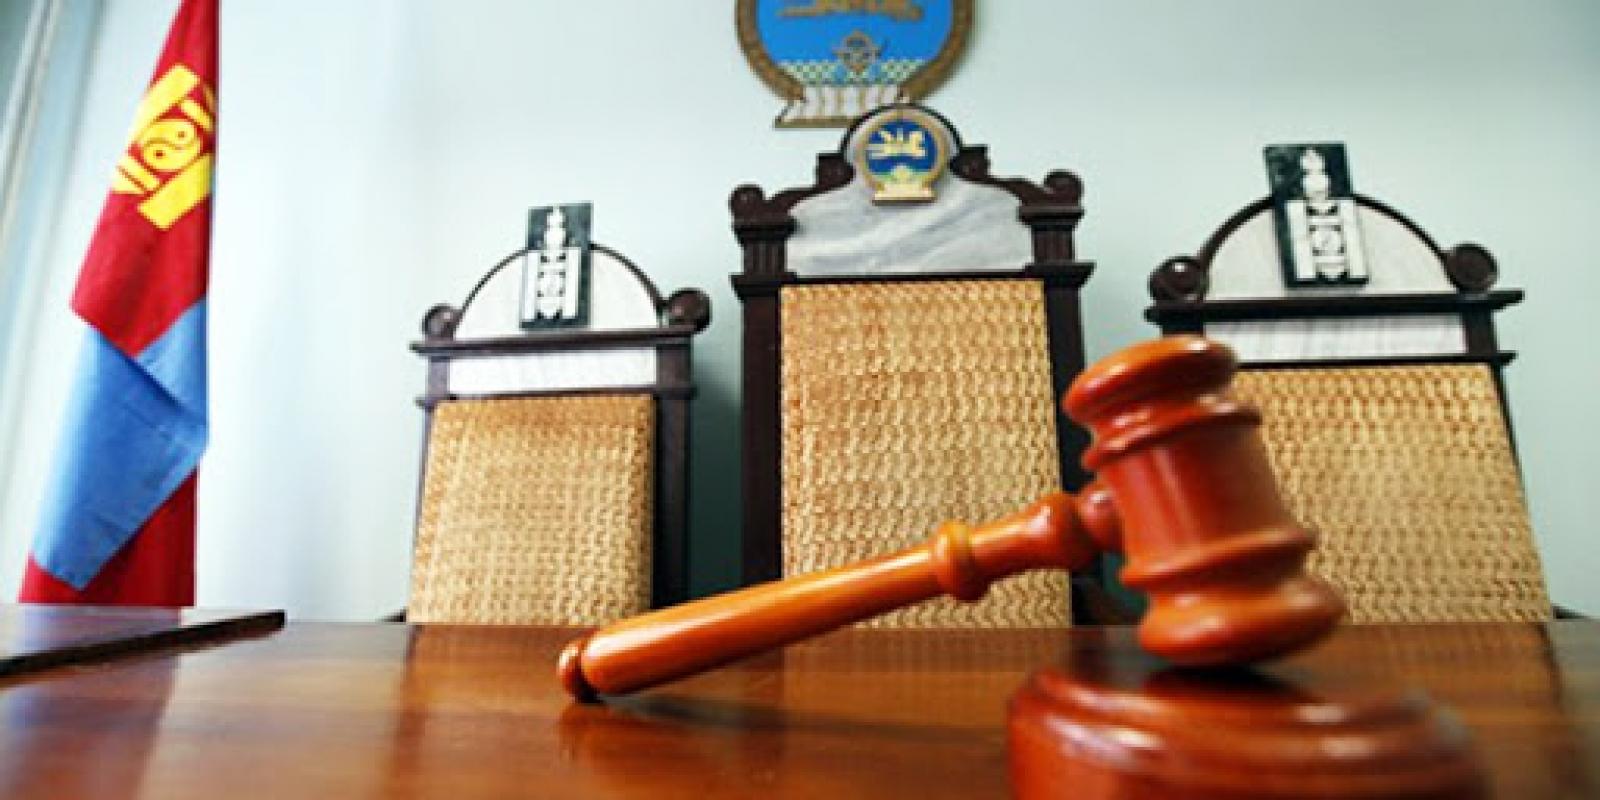 Салхитын мөнгөний ордтой холбоотой хэргийн шүүх хурал хойшилжээ